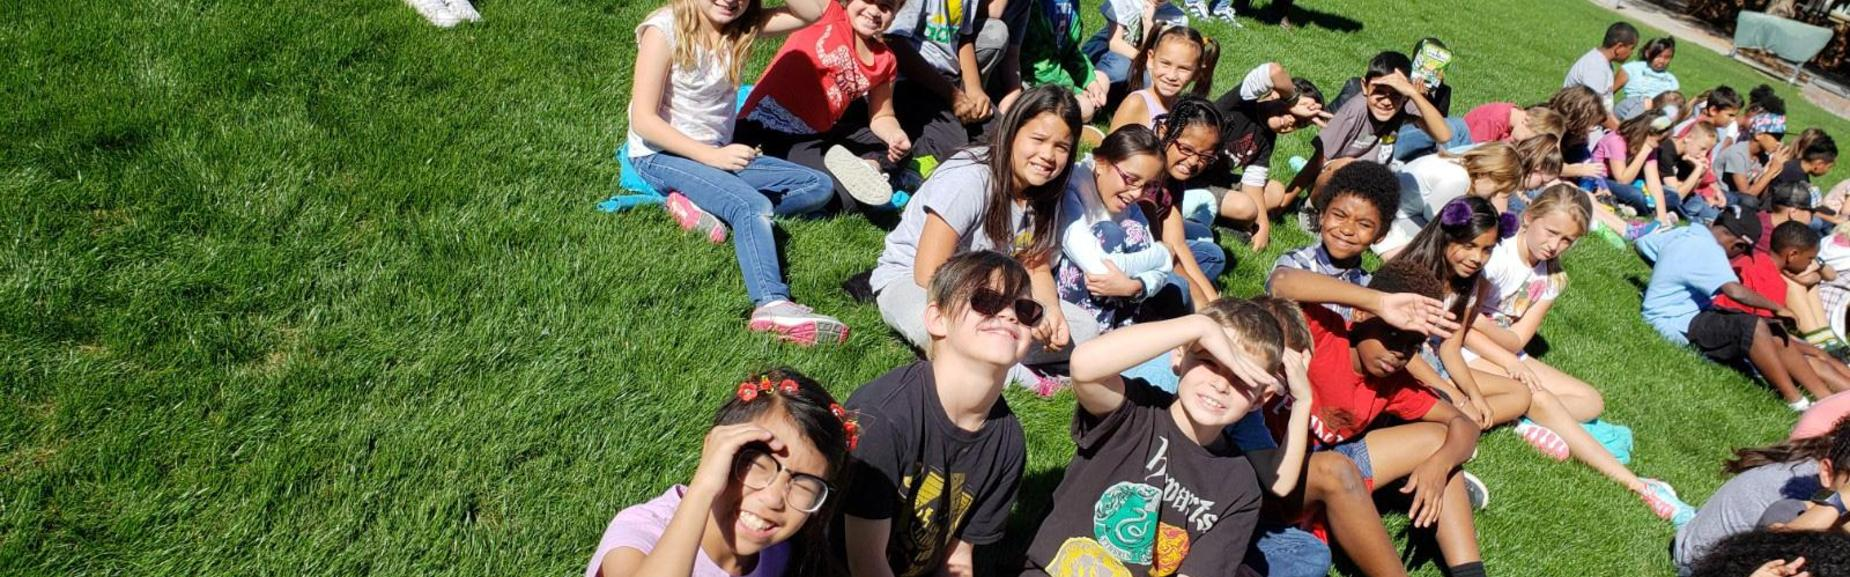 Cochise College Field Trip Fun